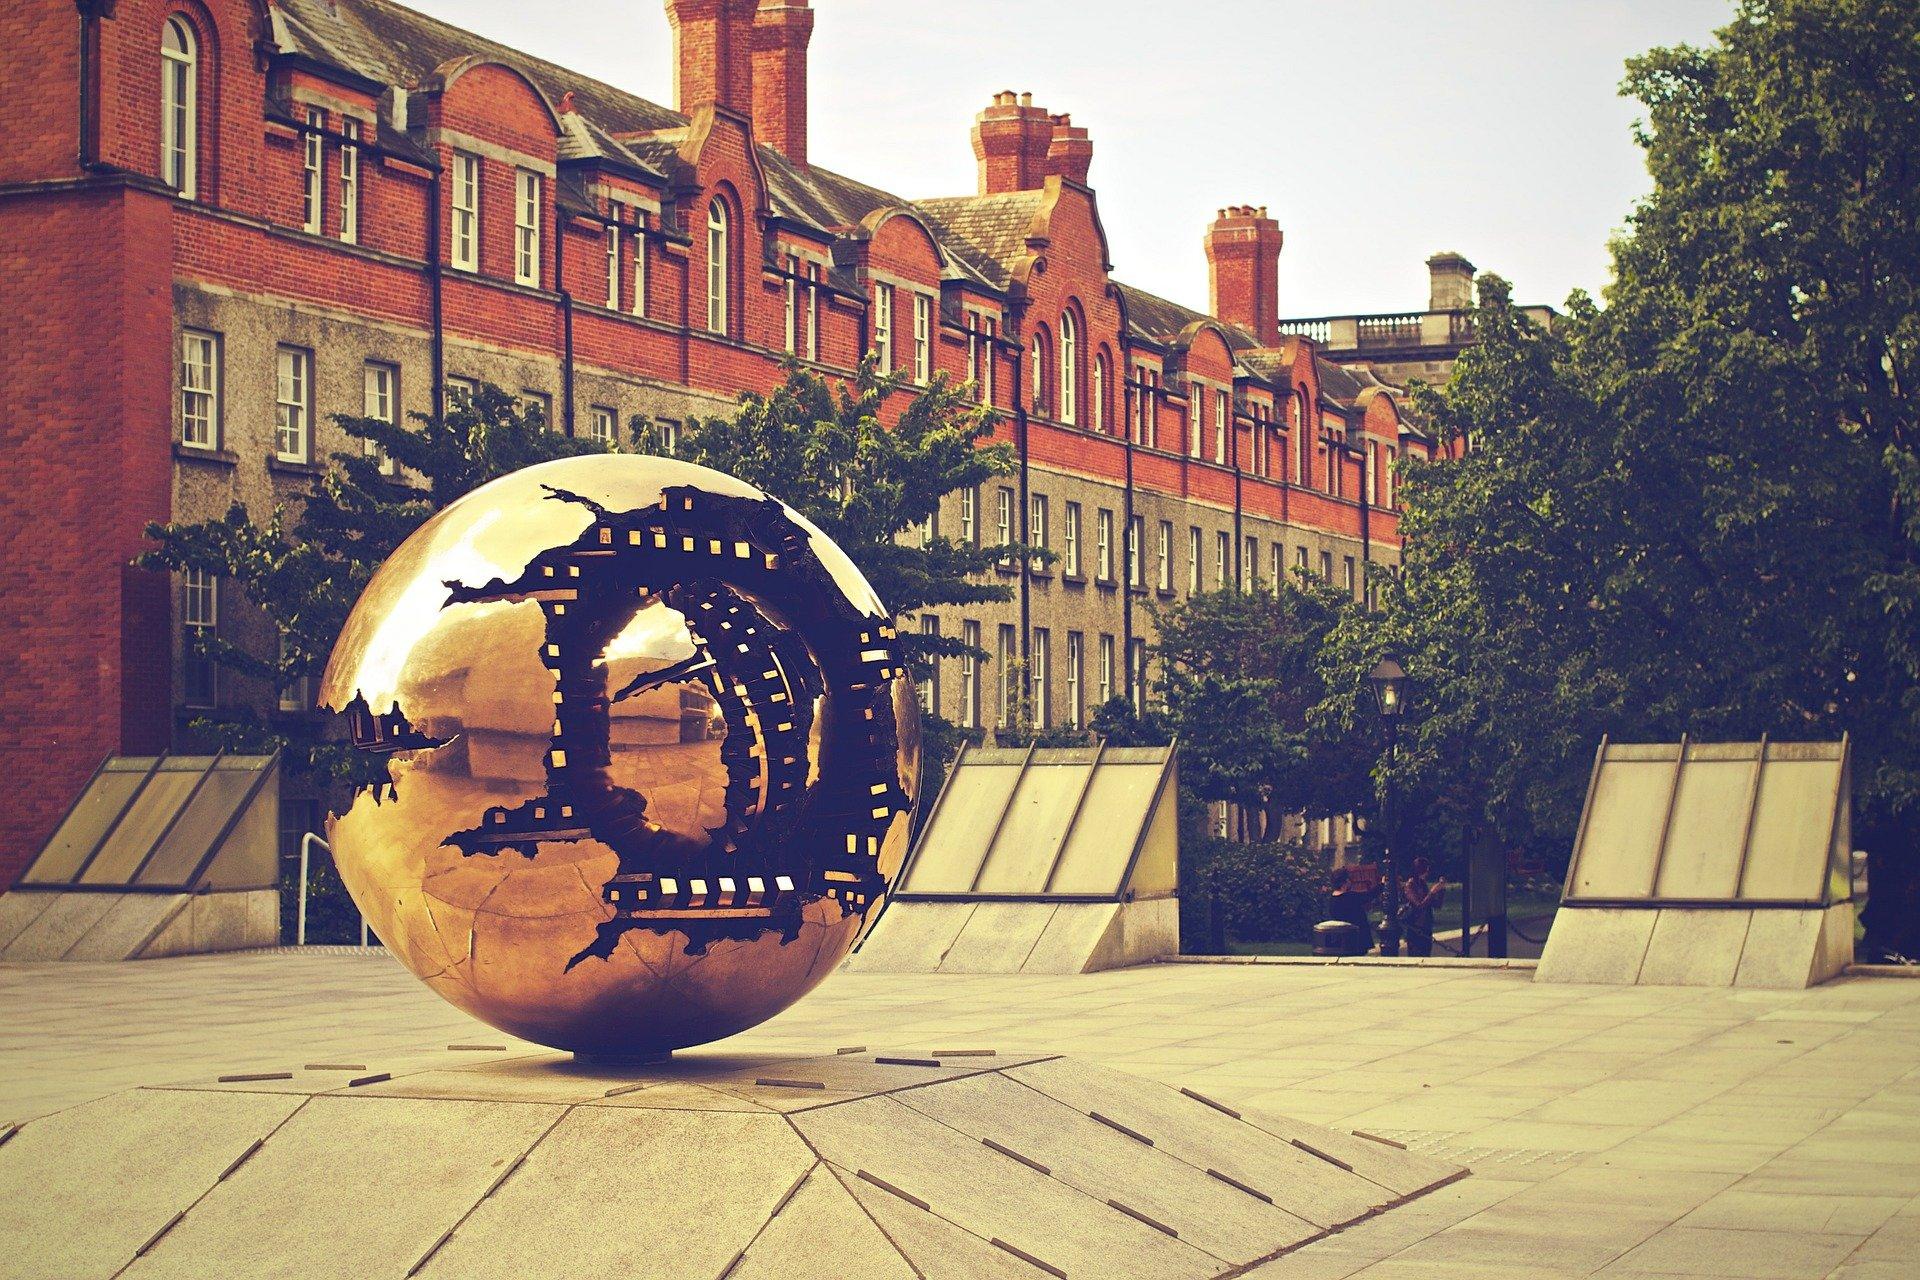 sphere-405776_1920